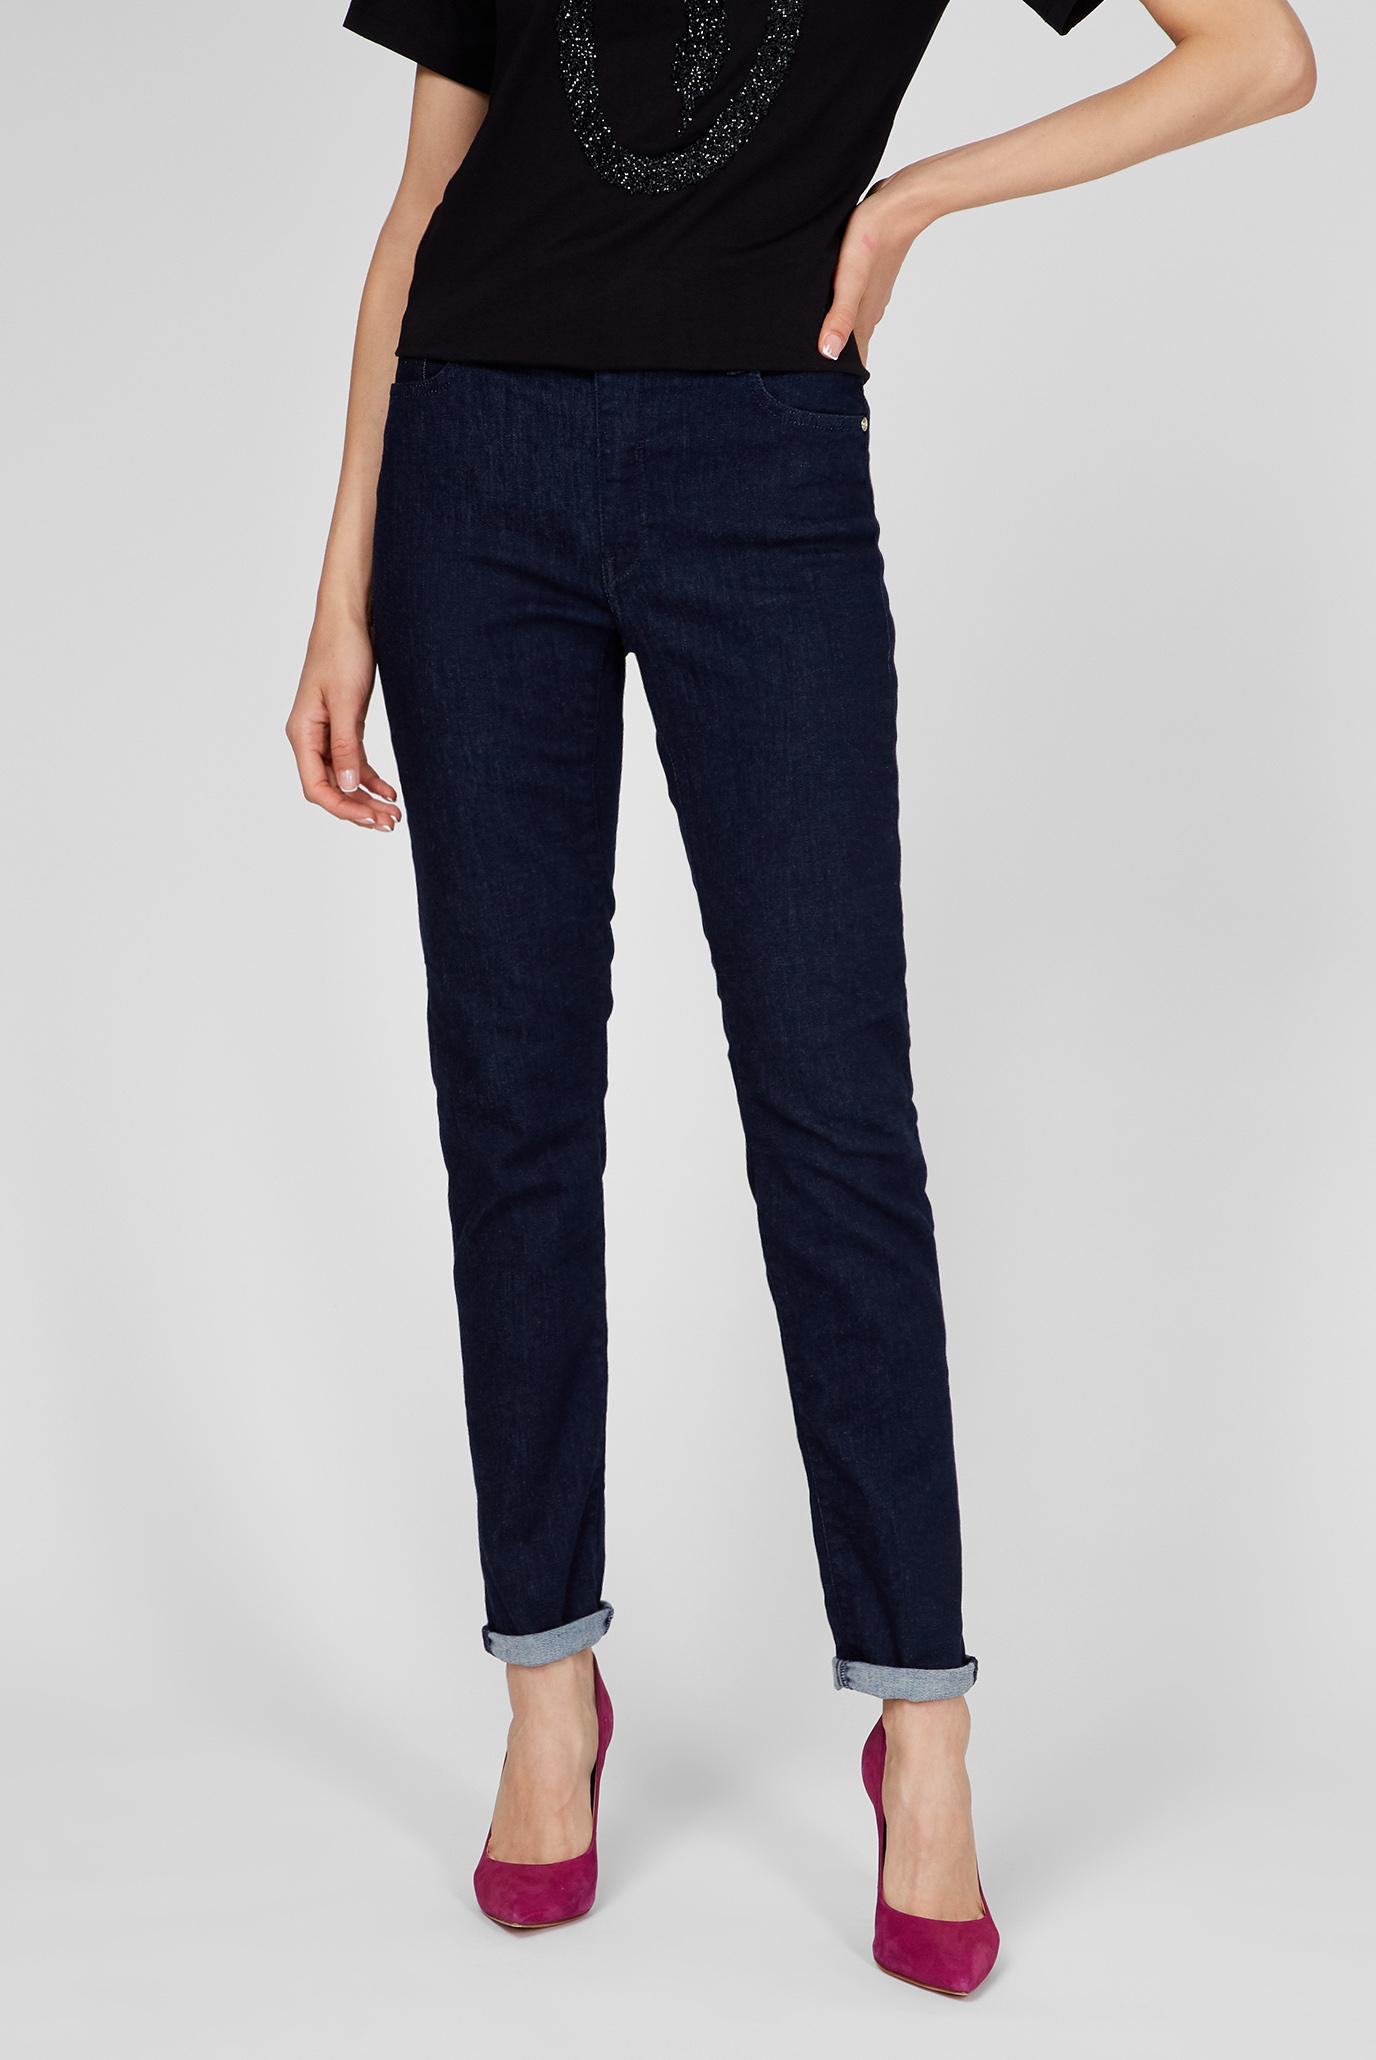 Женские темно-синие джинсы 105 Skinny 1